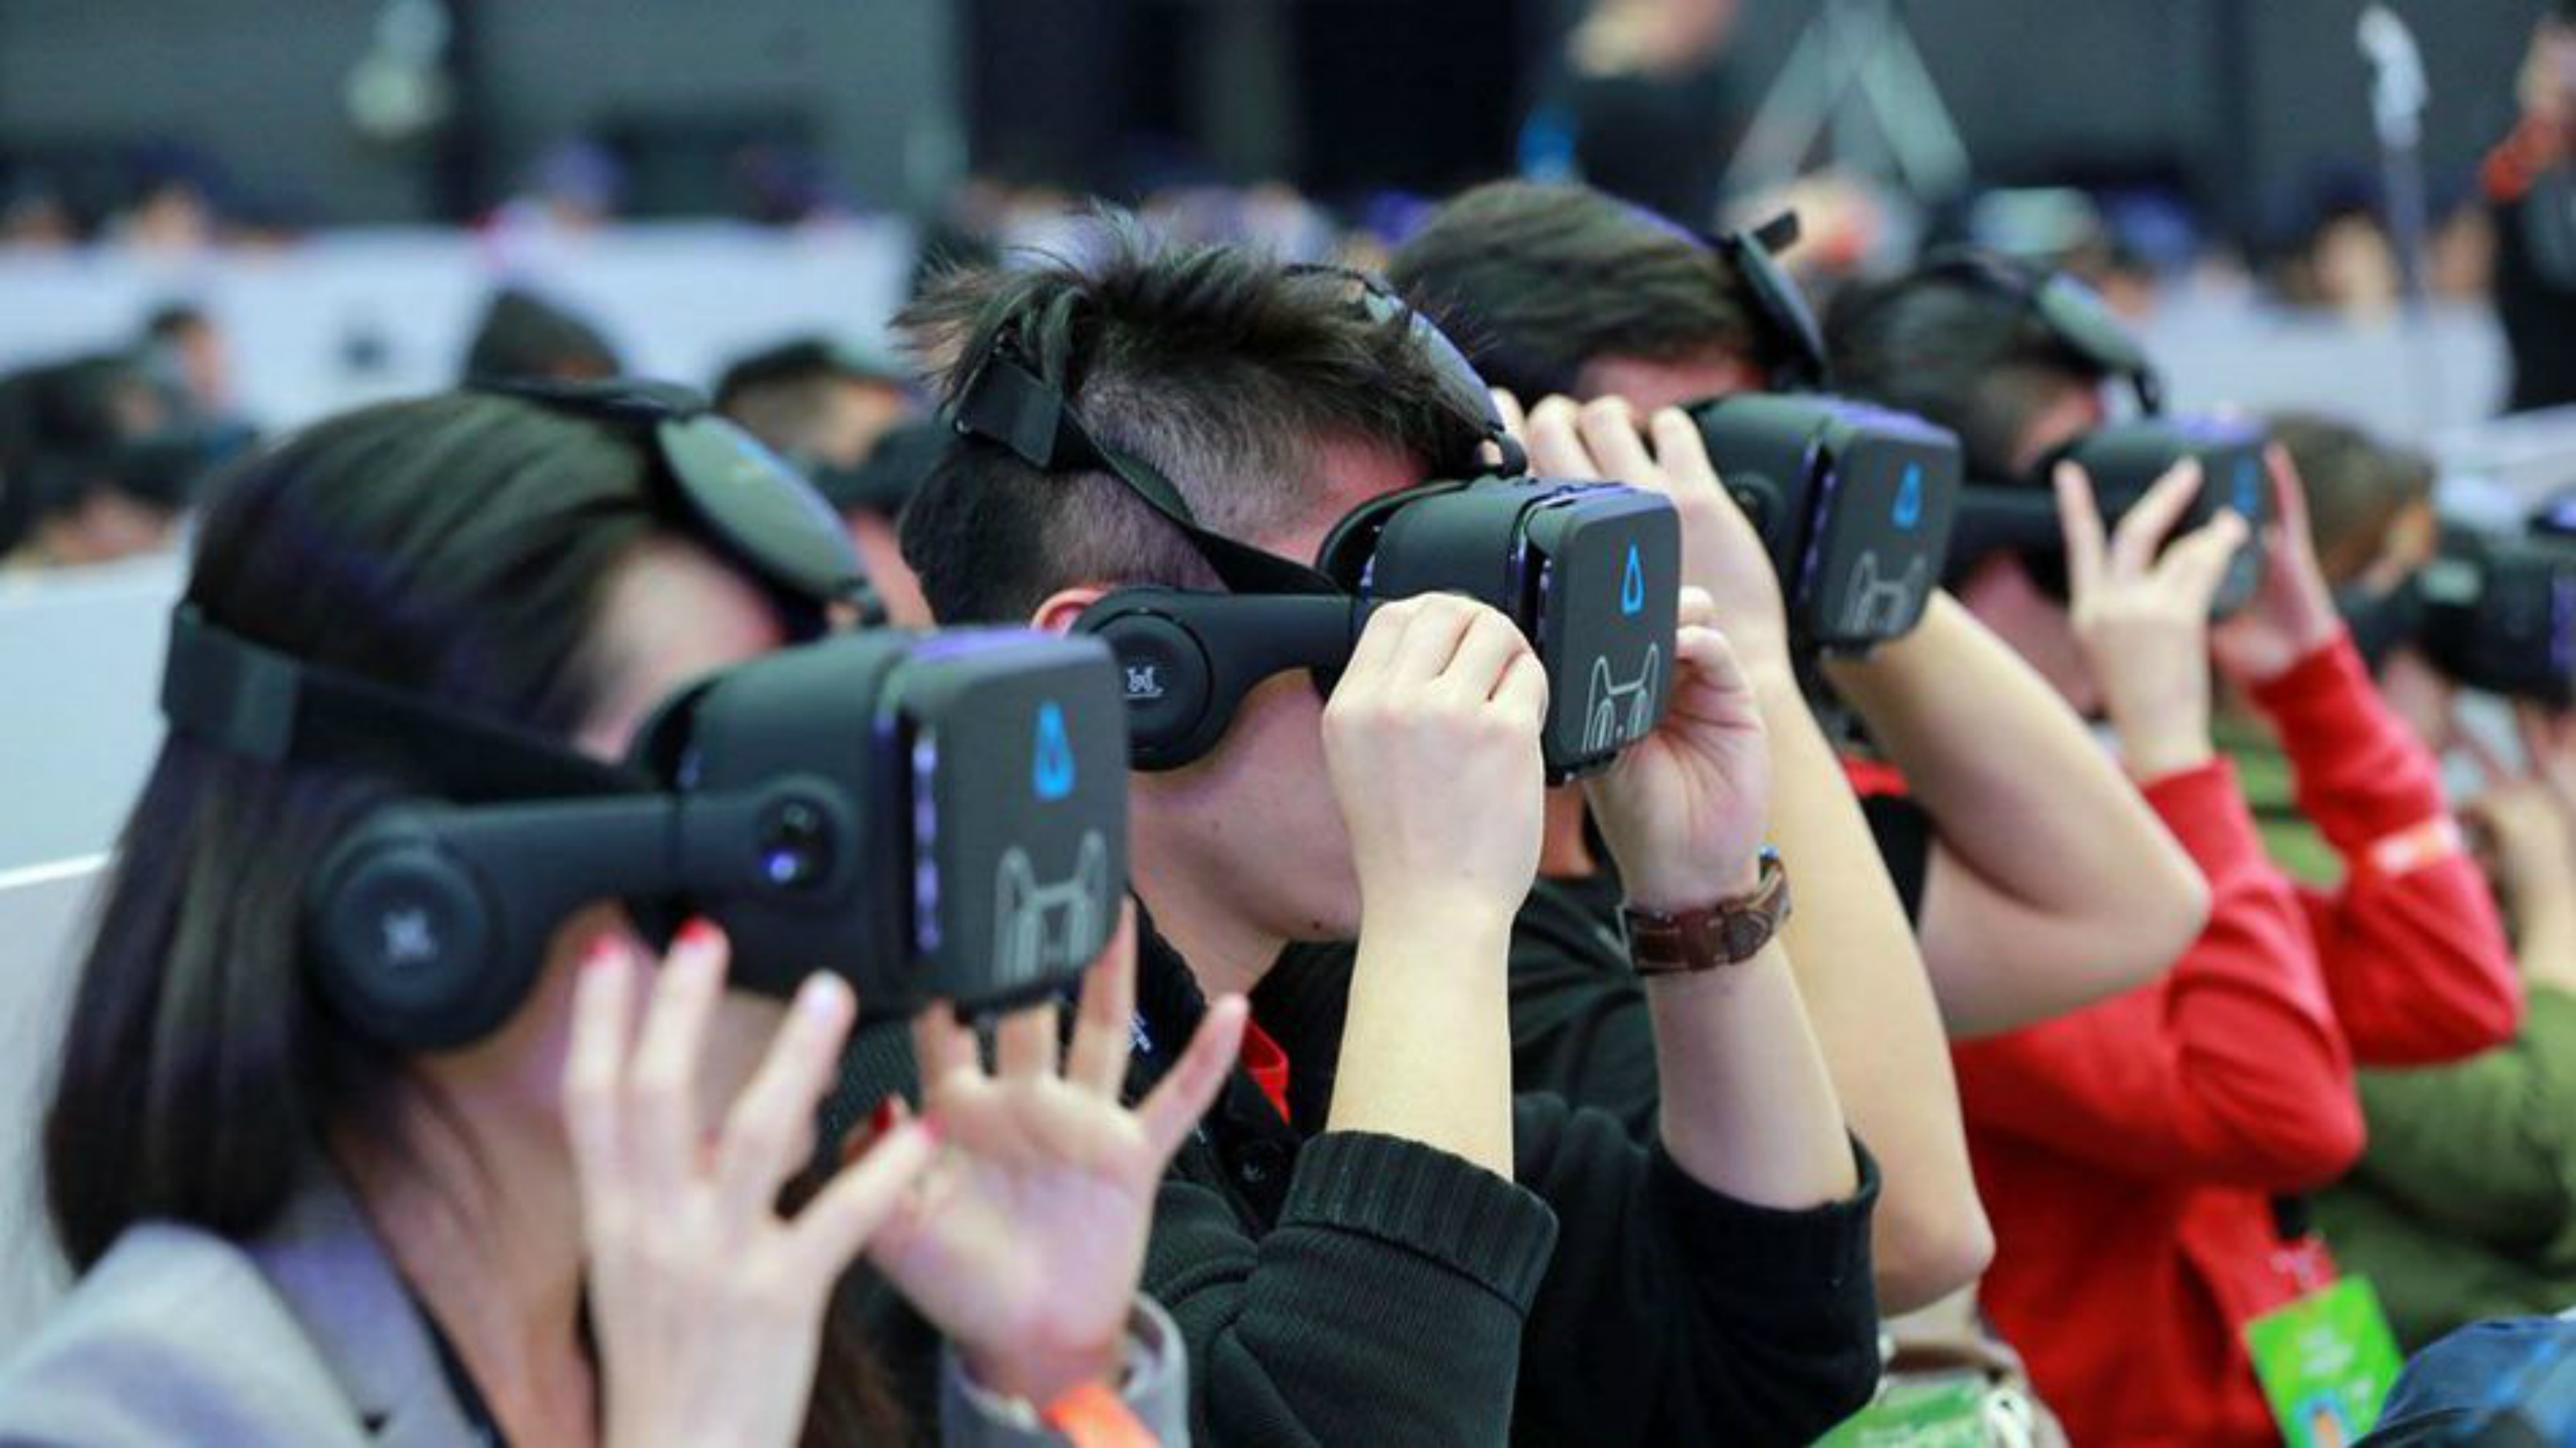 Cảnh báo nguy cơ lây nhiễm virus từ kính thực tế ảo